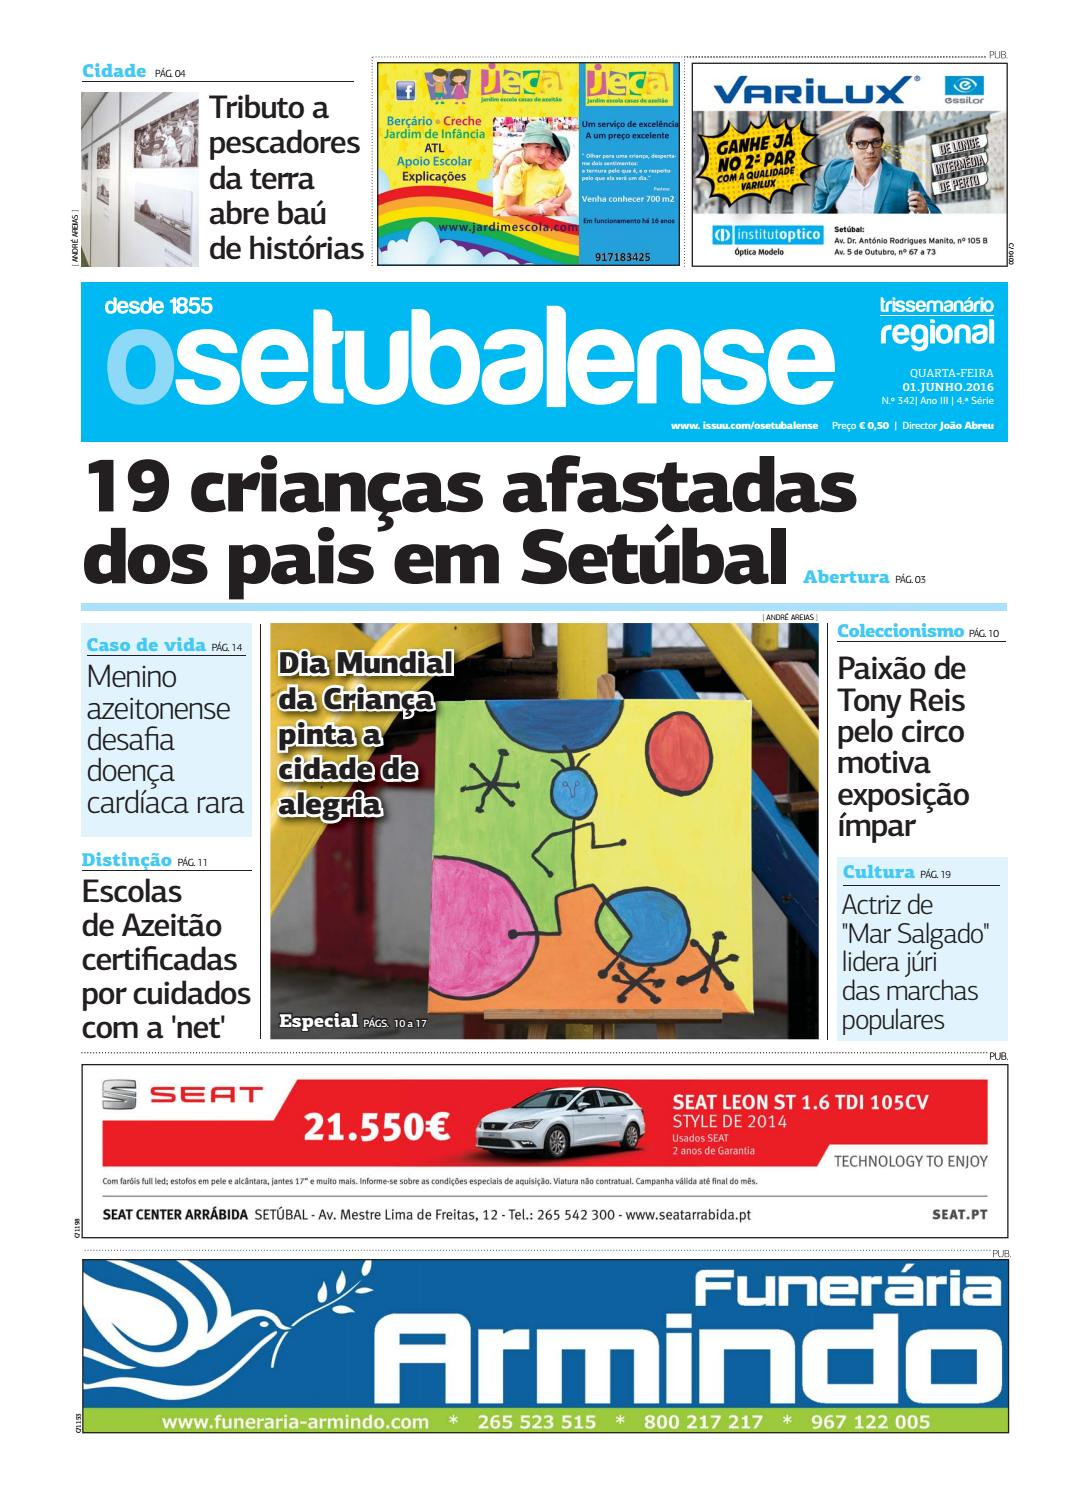 O Setubalense by O Setubalense - issuu 392f332c94